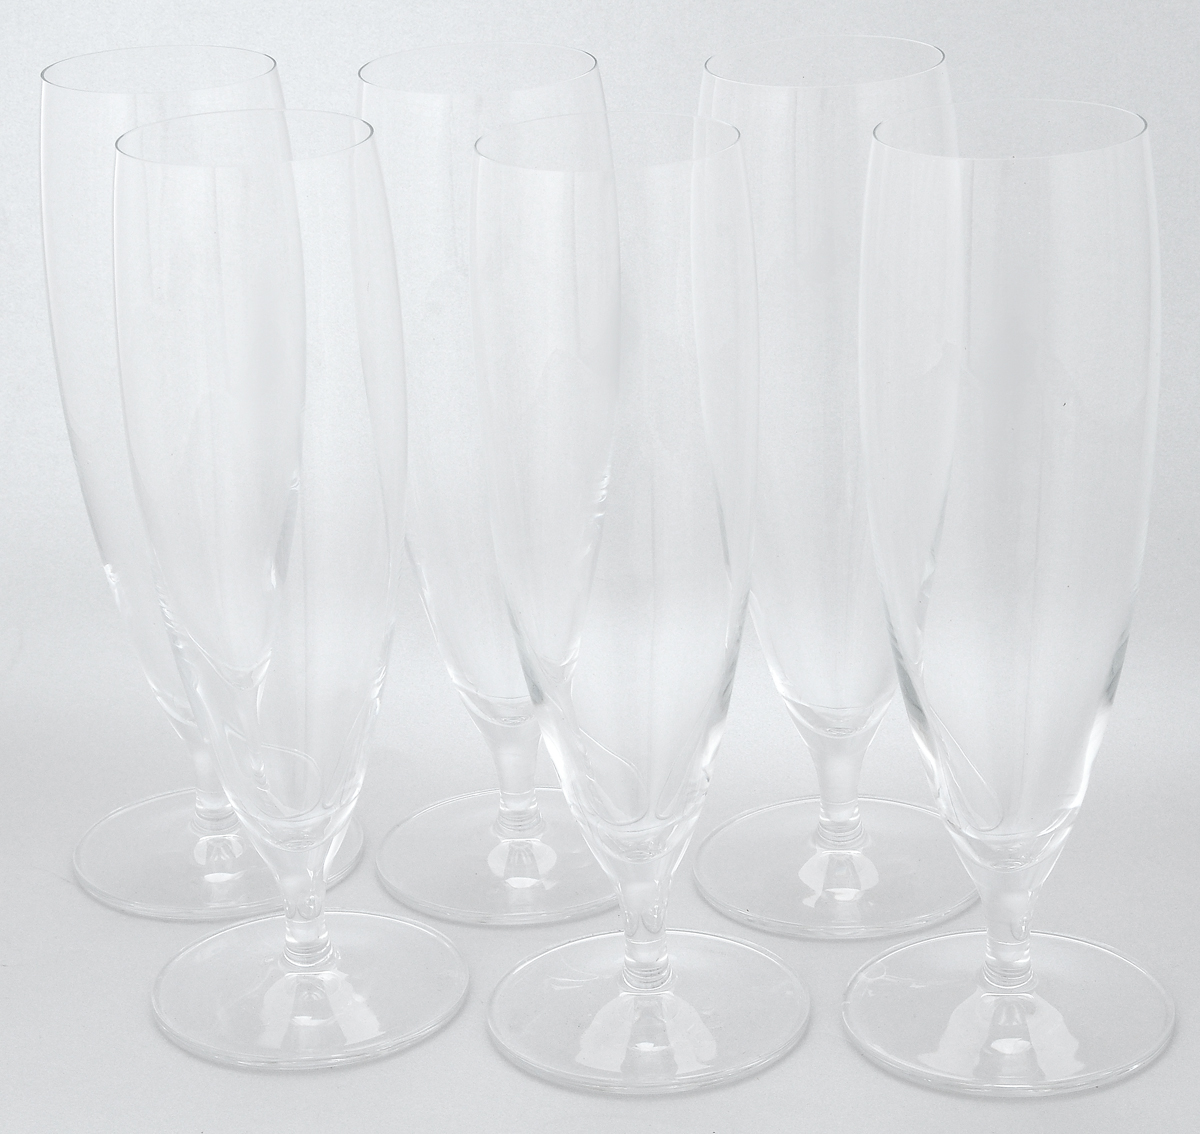 Набор бокалов Pasabahce Vintage, 385 мл, 6 штVT-1520(SR)Набор Pasabahce Vintaget состоит из шести бокалов, выполненных из прочного натрий-кальций-силикатного стекла. Изделия оснащены невысокими ножками. Бокалы сочетают в себе элегантный дизайн и функциональность. Благодаря такому набору пить напитки будет еще вкуснее.Набор бокалов Pasabahce Vintaget прекрасно оформит праздничный стол и создаст приятную атмосферу за ужином. Такой набор также станет хорошим подарком к любому случаю. Можно мыть в посудомоечной машине и использовать в микроволновой печи.Диаметр бокала (по верхнему краю): 5,7 см. Высота бокала: 21,7 см.